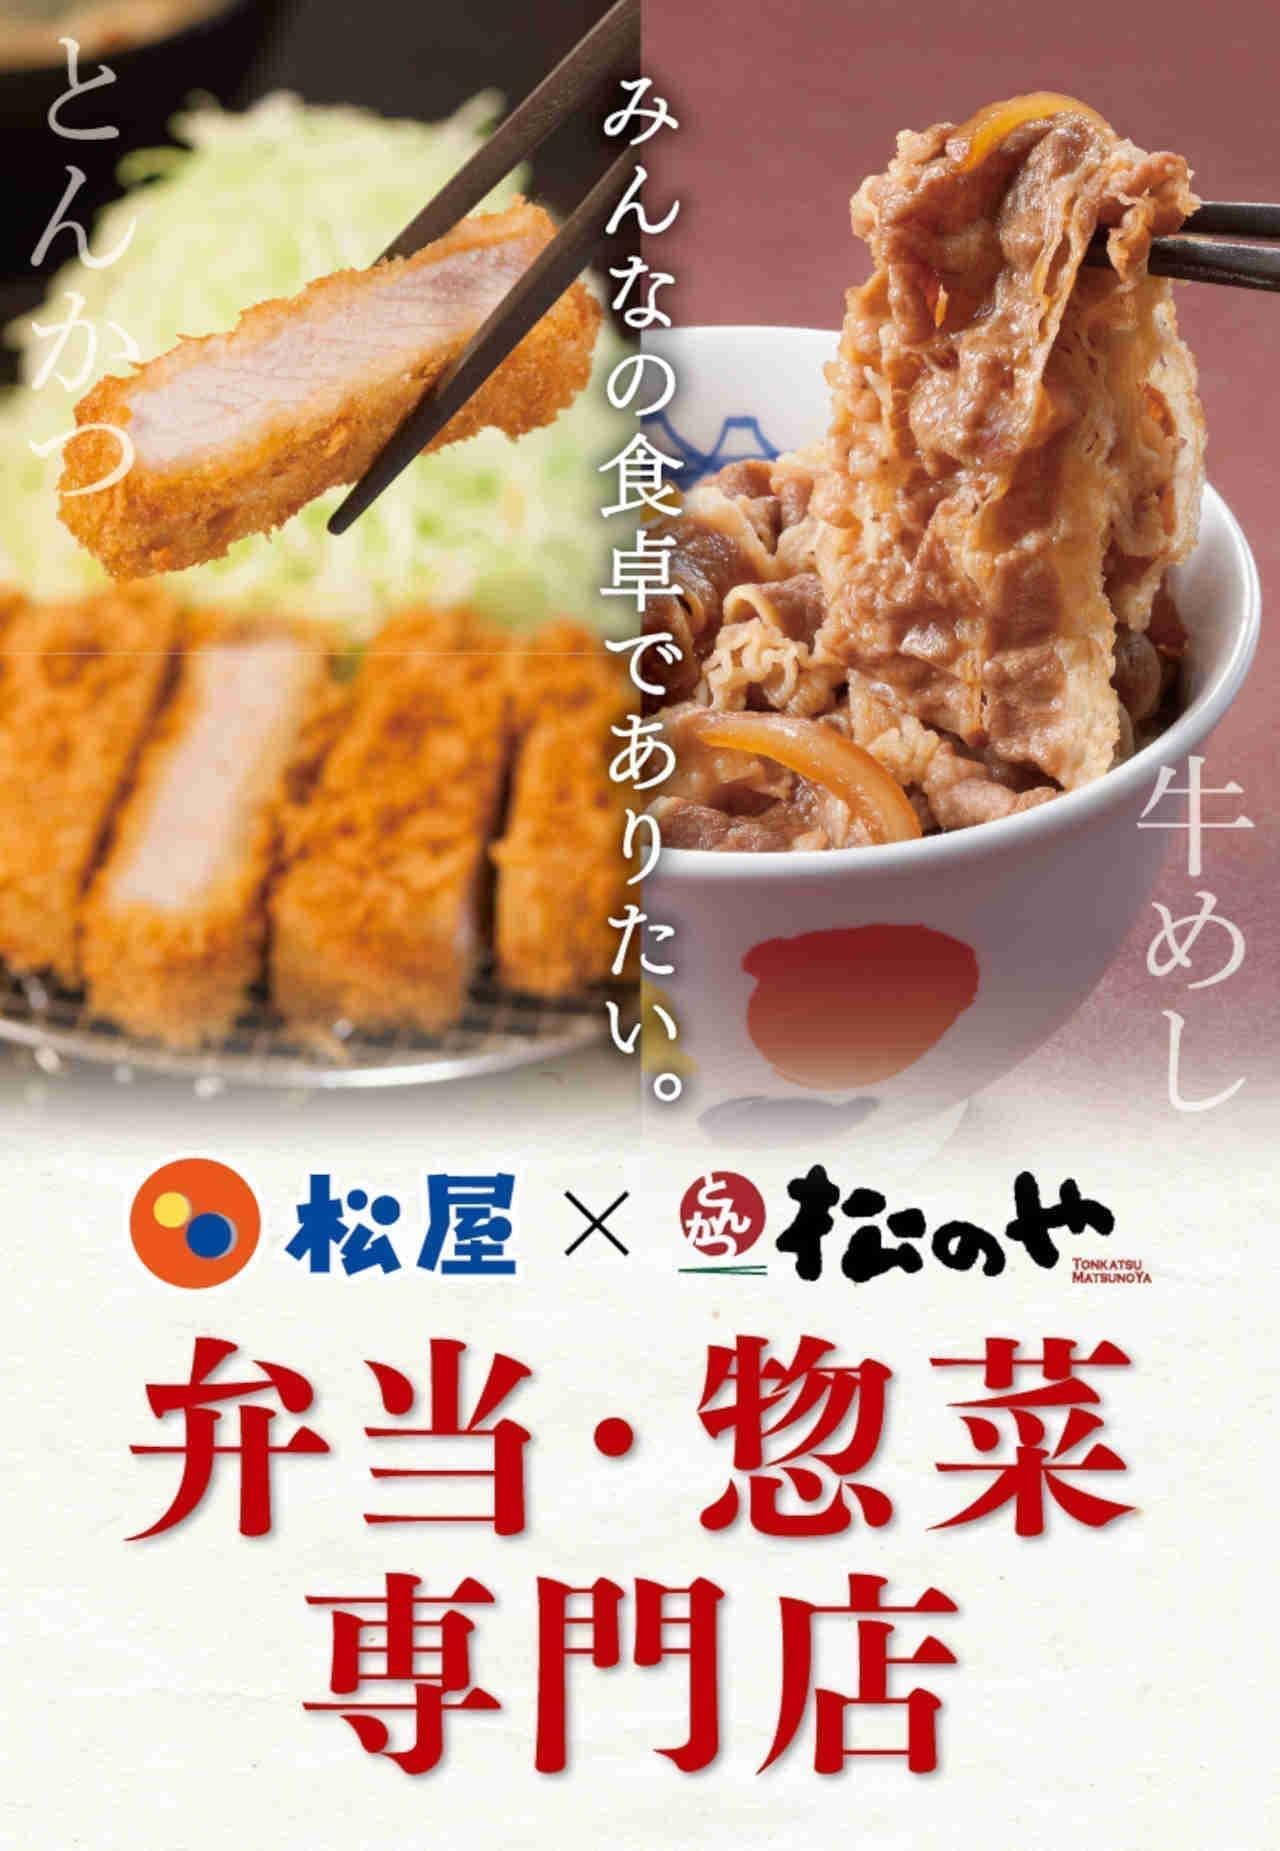 「松屋」「松のや」の弁当・惣菜販売専門店